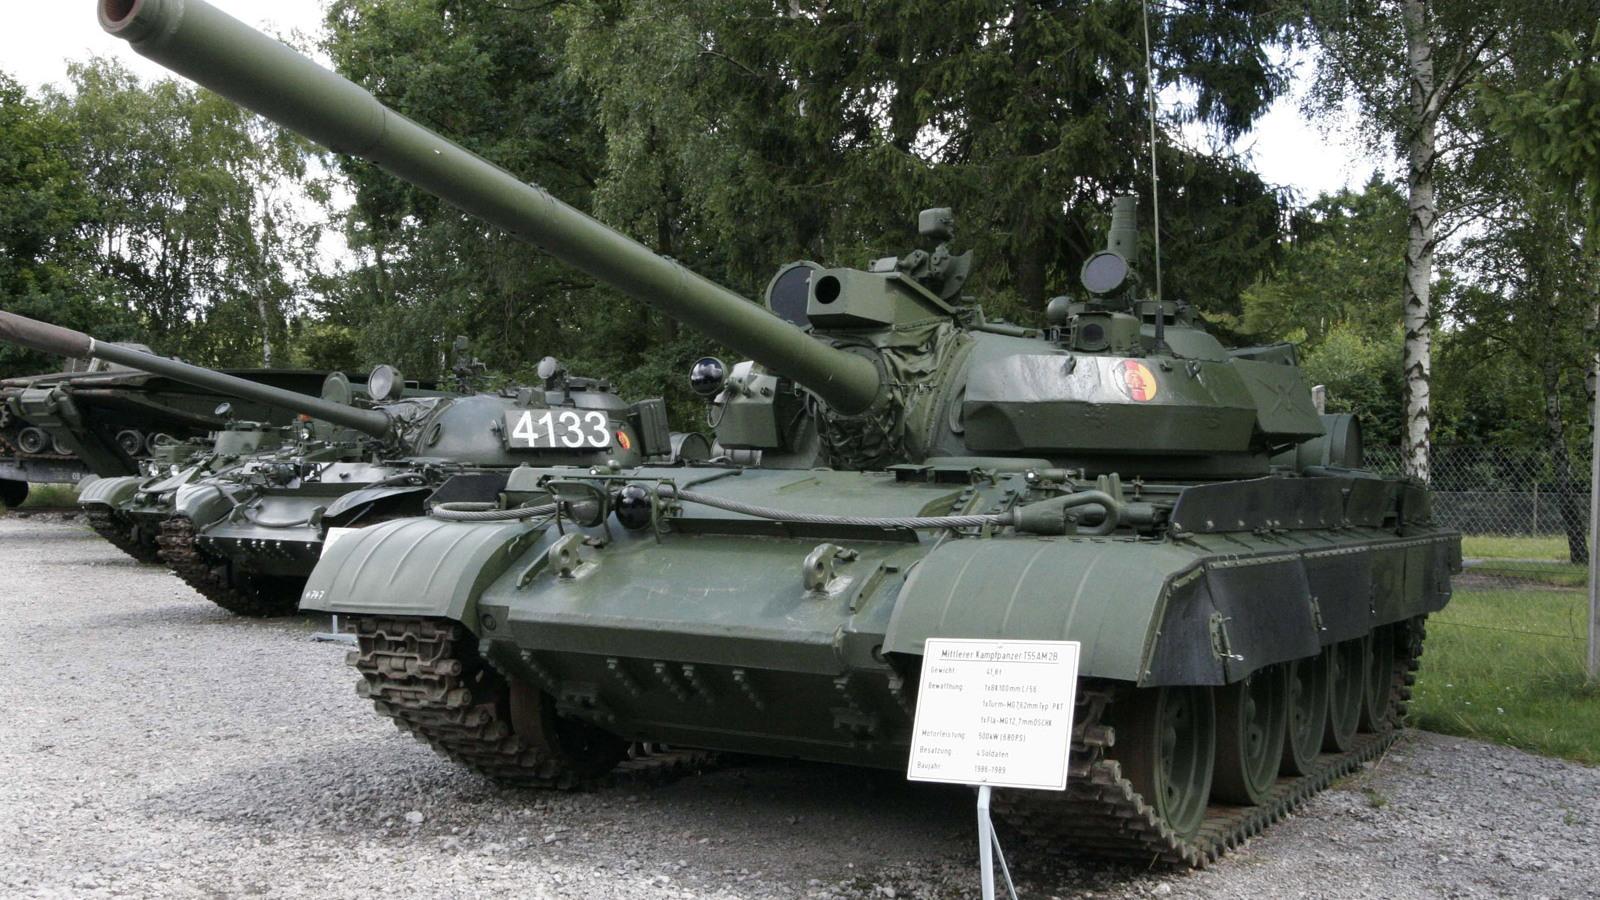 T-55M5 Russian tank